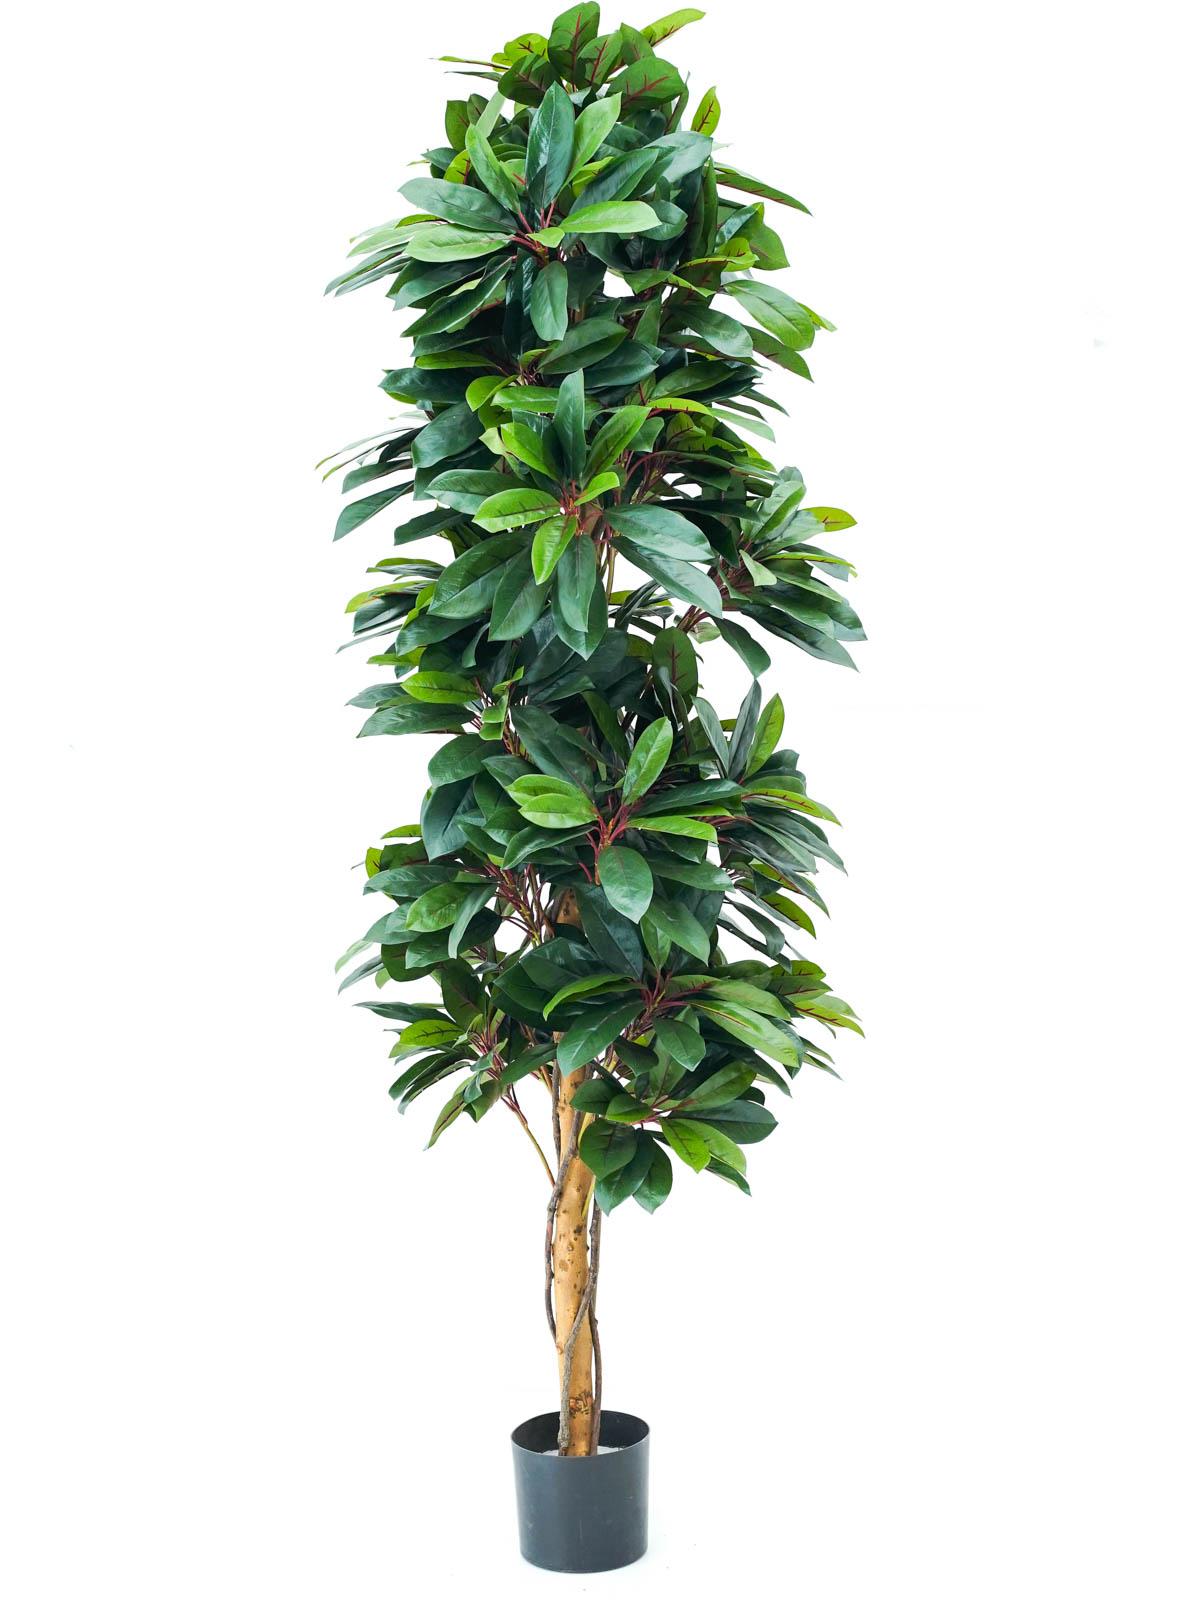 شجرة ريد ليدي شيفليرا ناترل - وسط نباتات اصطناعية